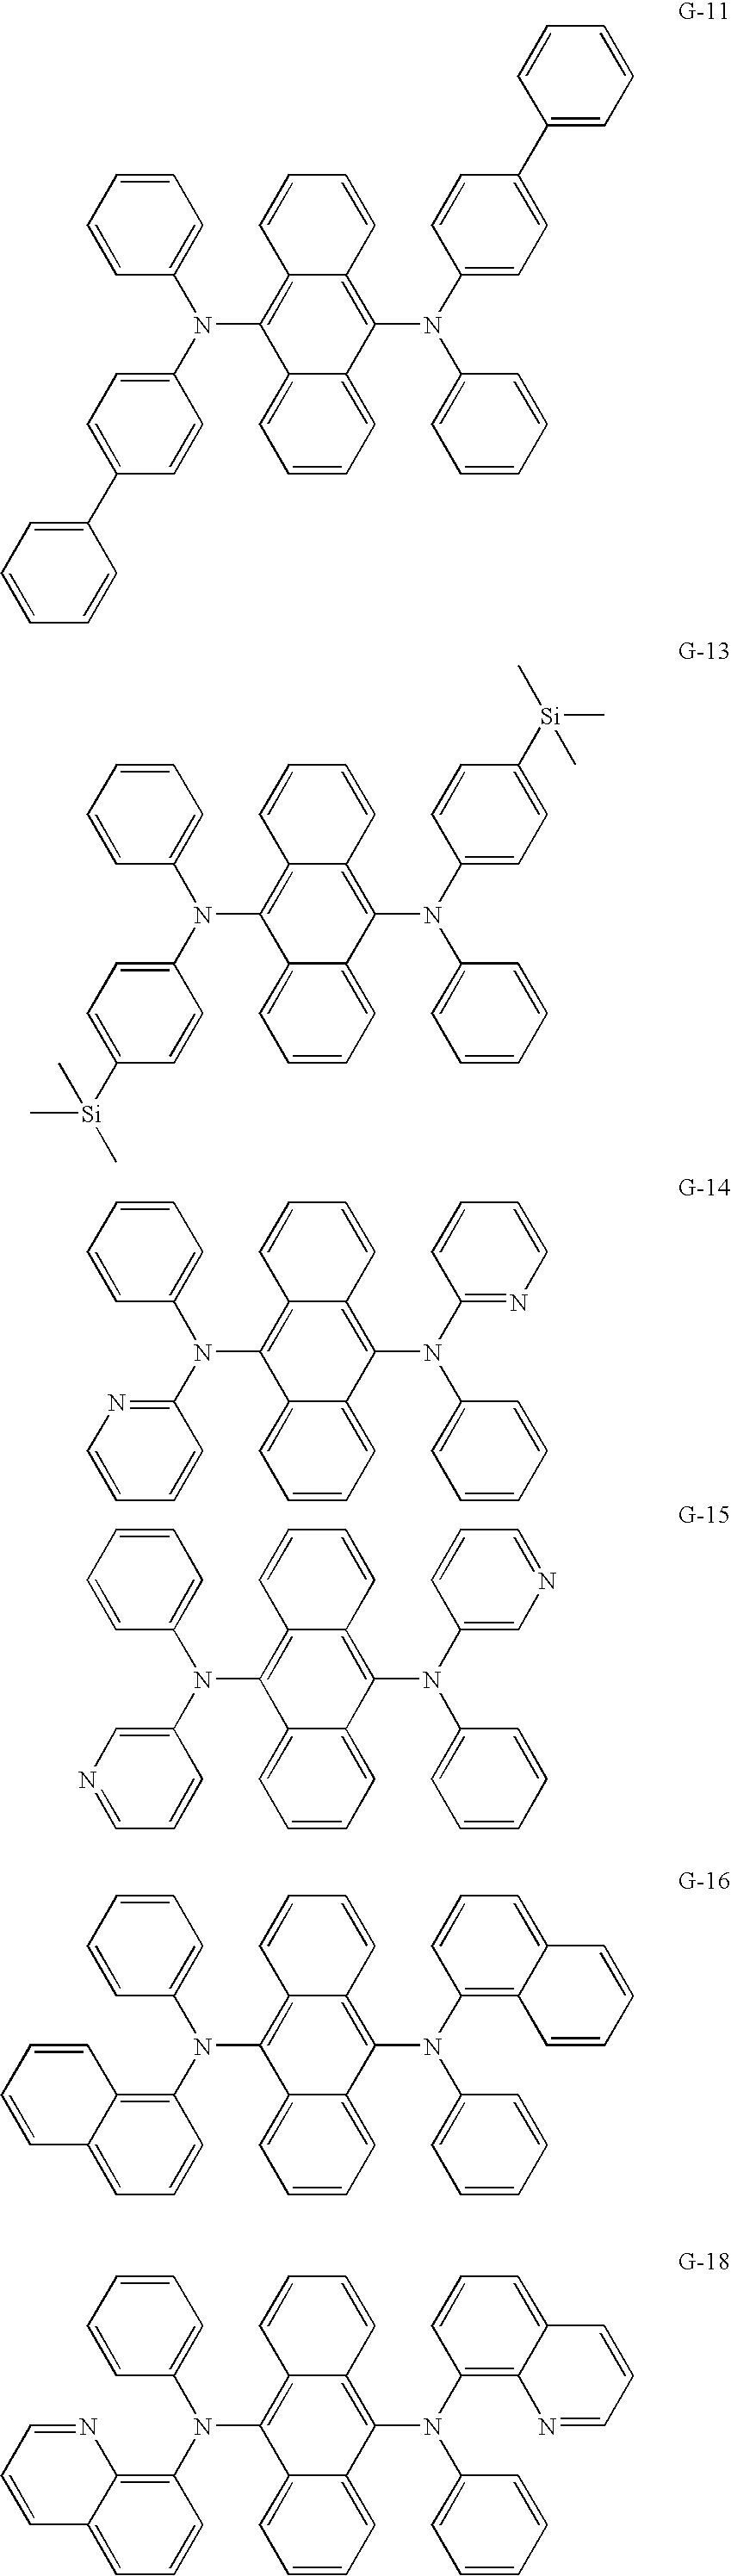 Figure US07651788-20100126-C00048